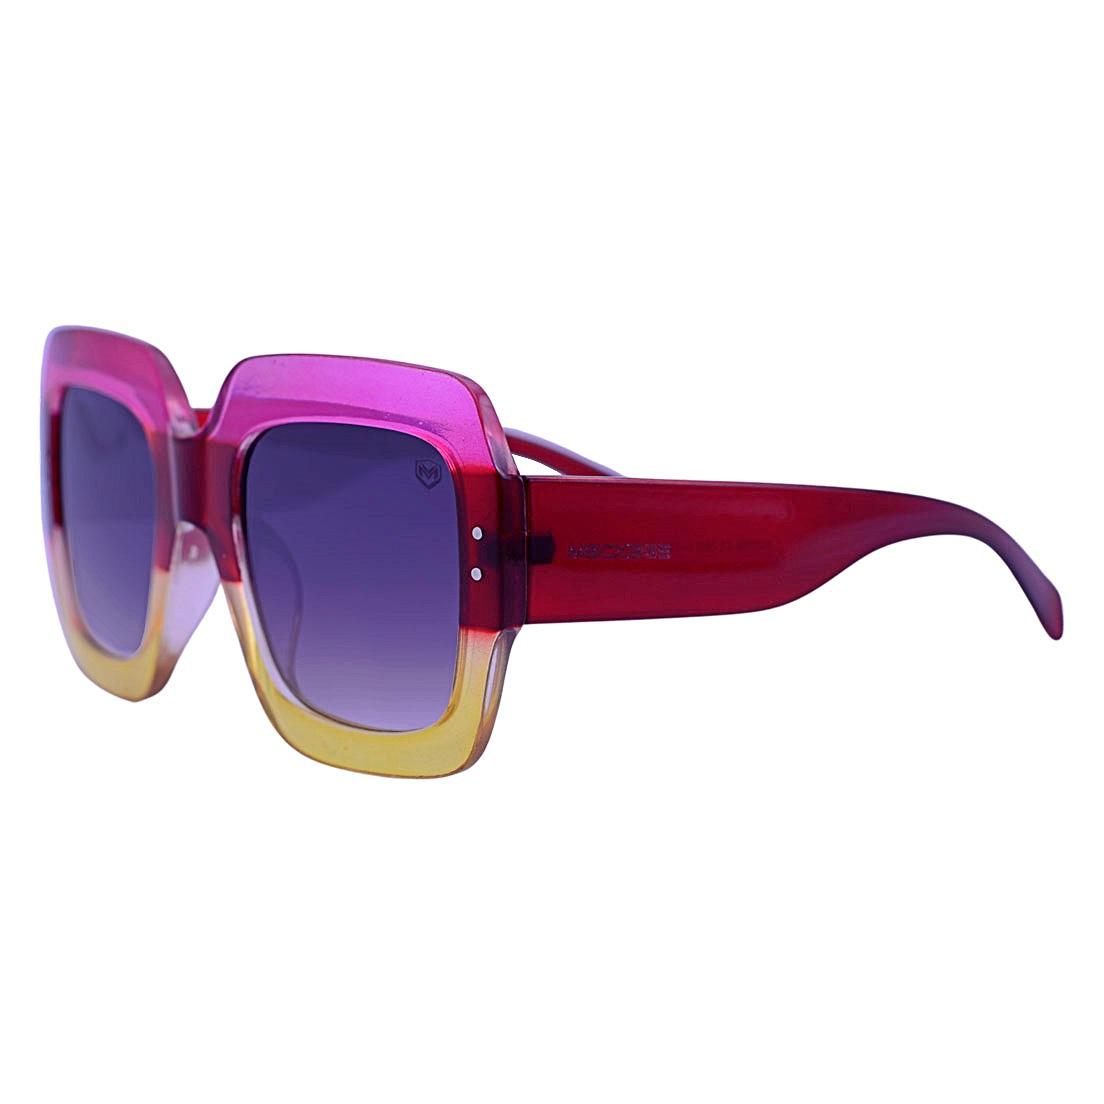 Óculos De Sol Mackage Feminino Acetato Oversize Quadrado - Multicolorido